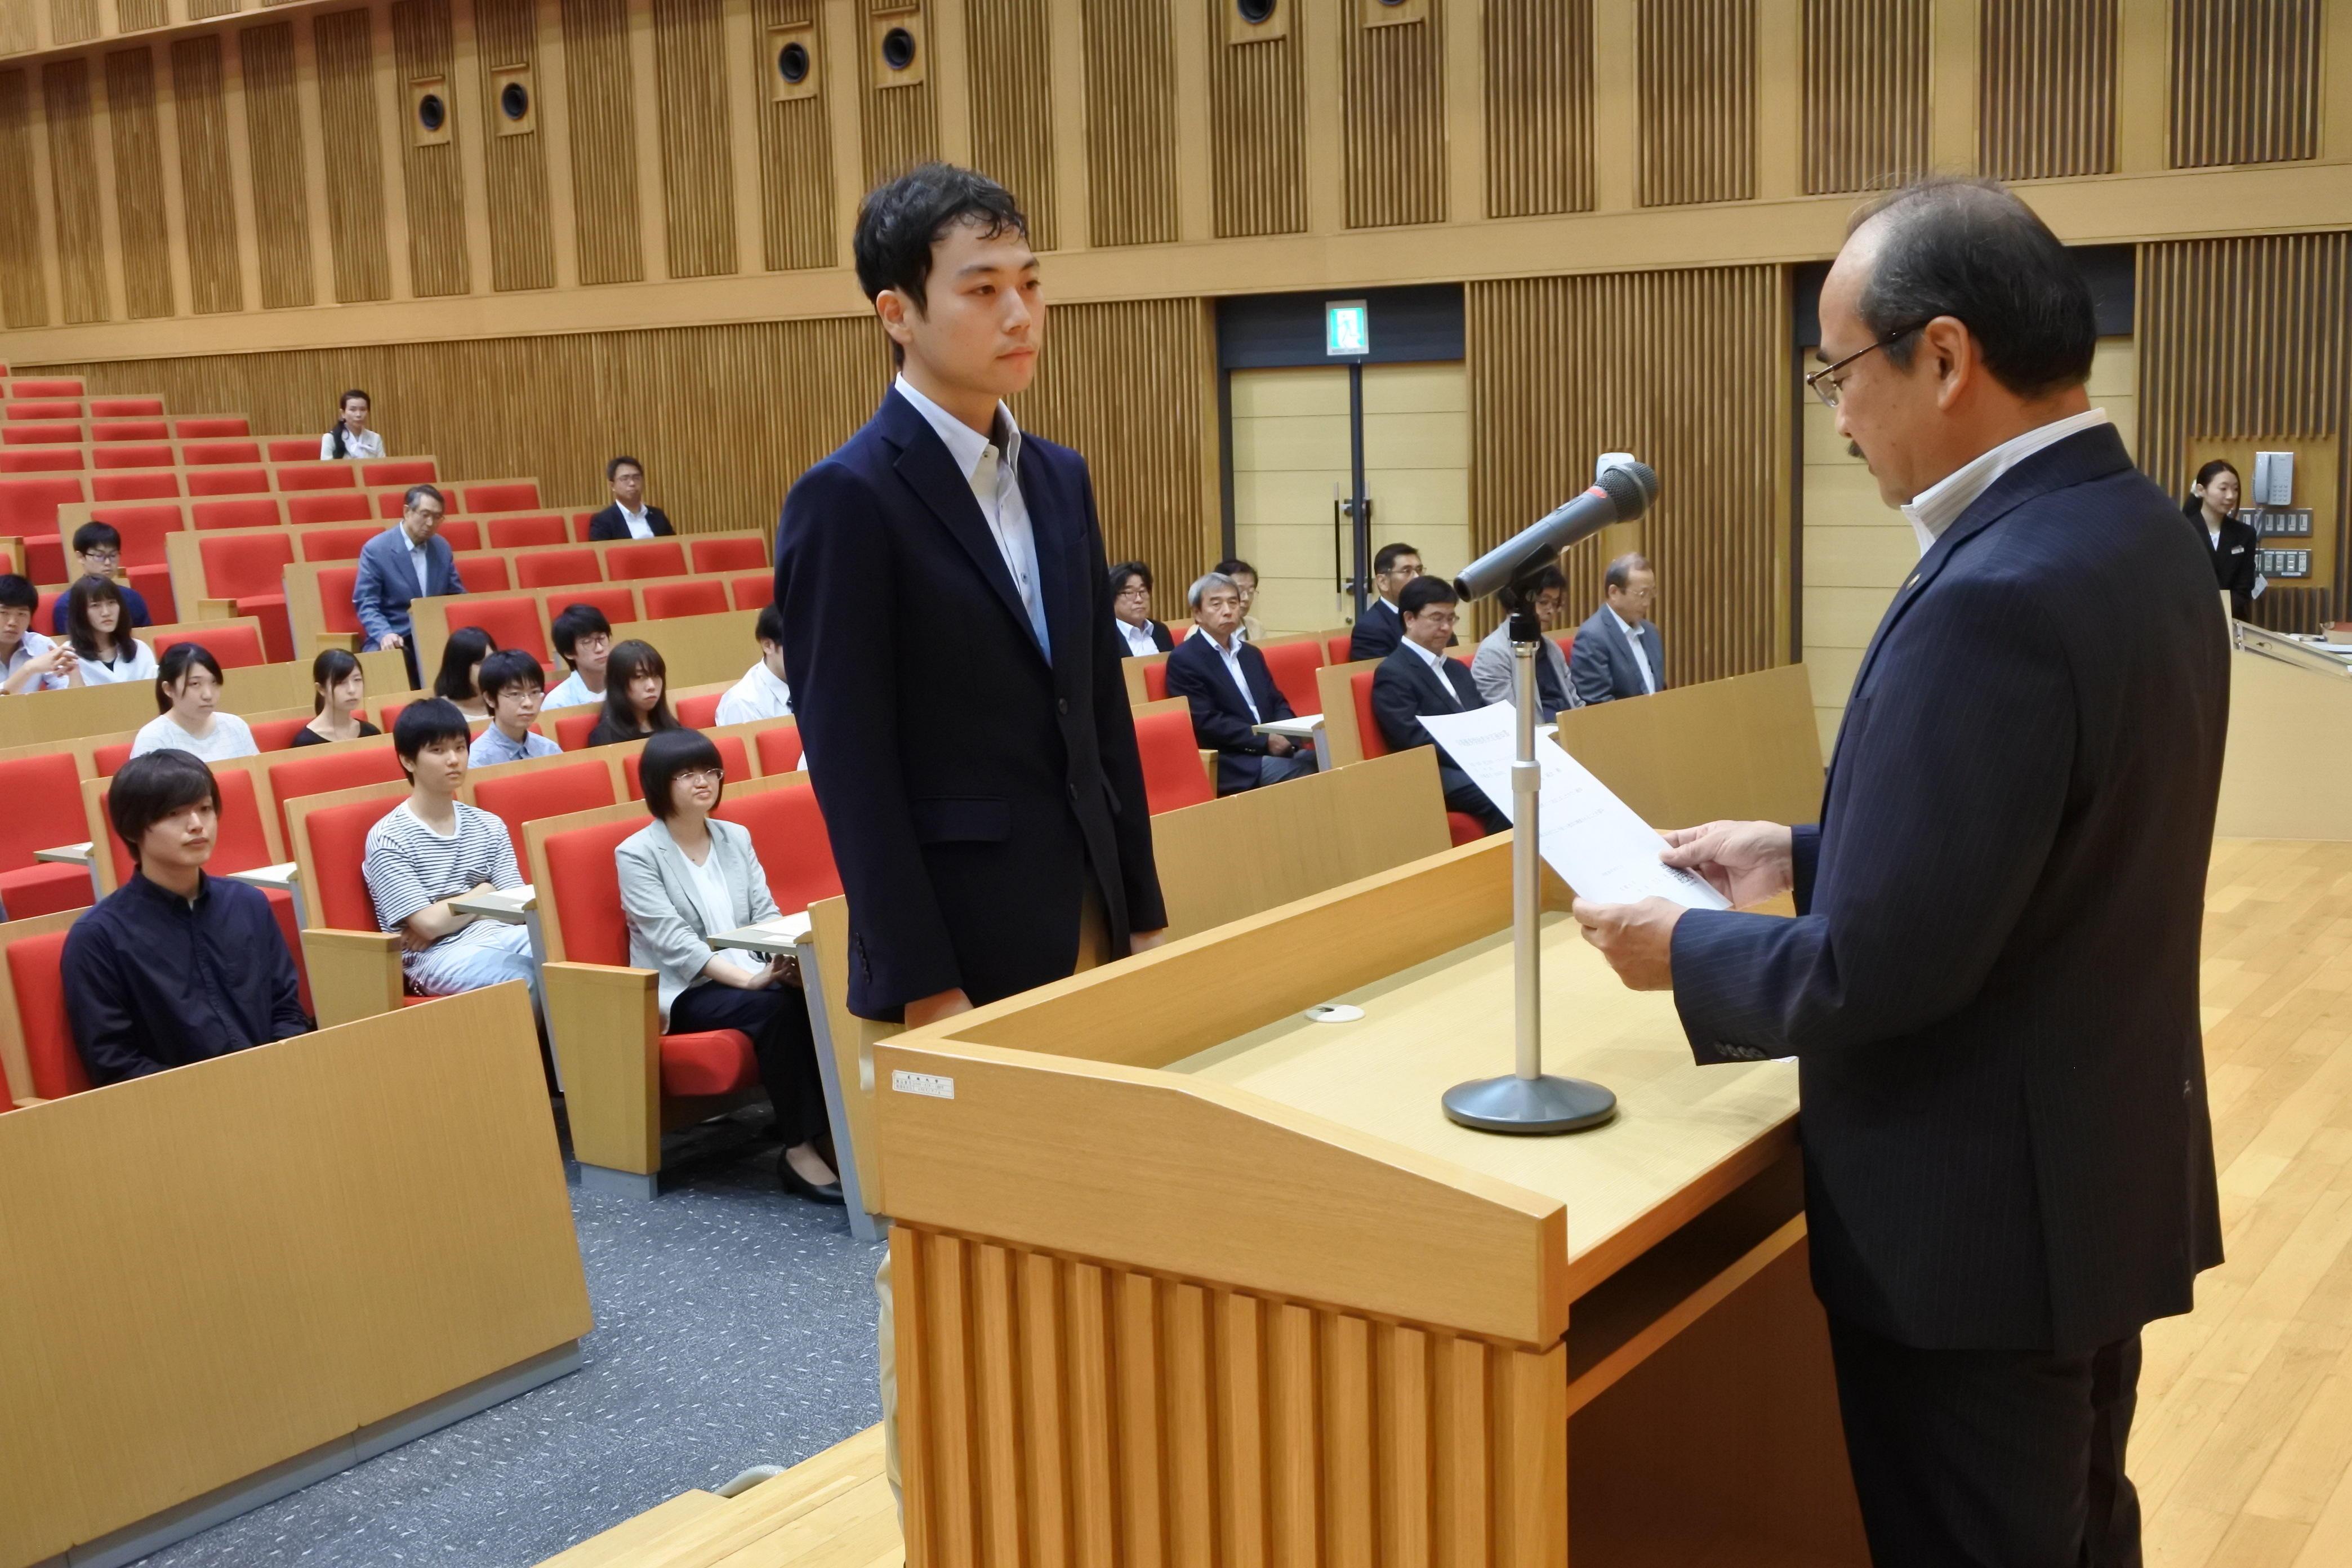 学業優秀奨励者を代表して図書カードを受け取る松尾純汰さん